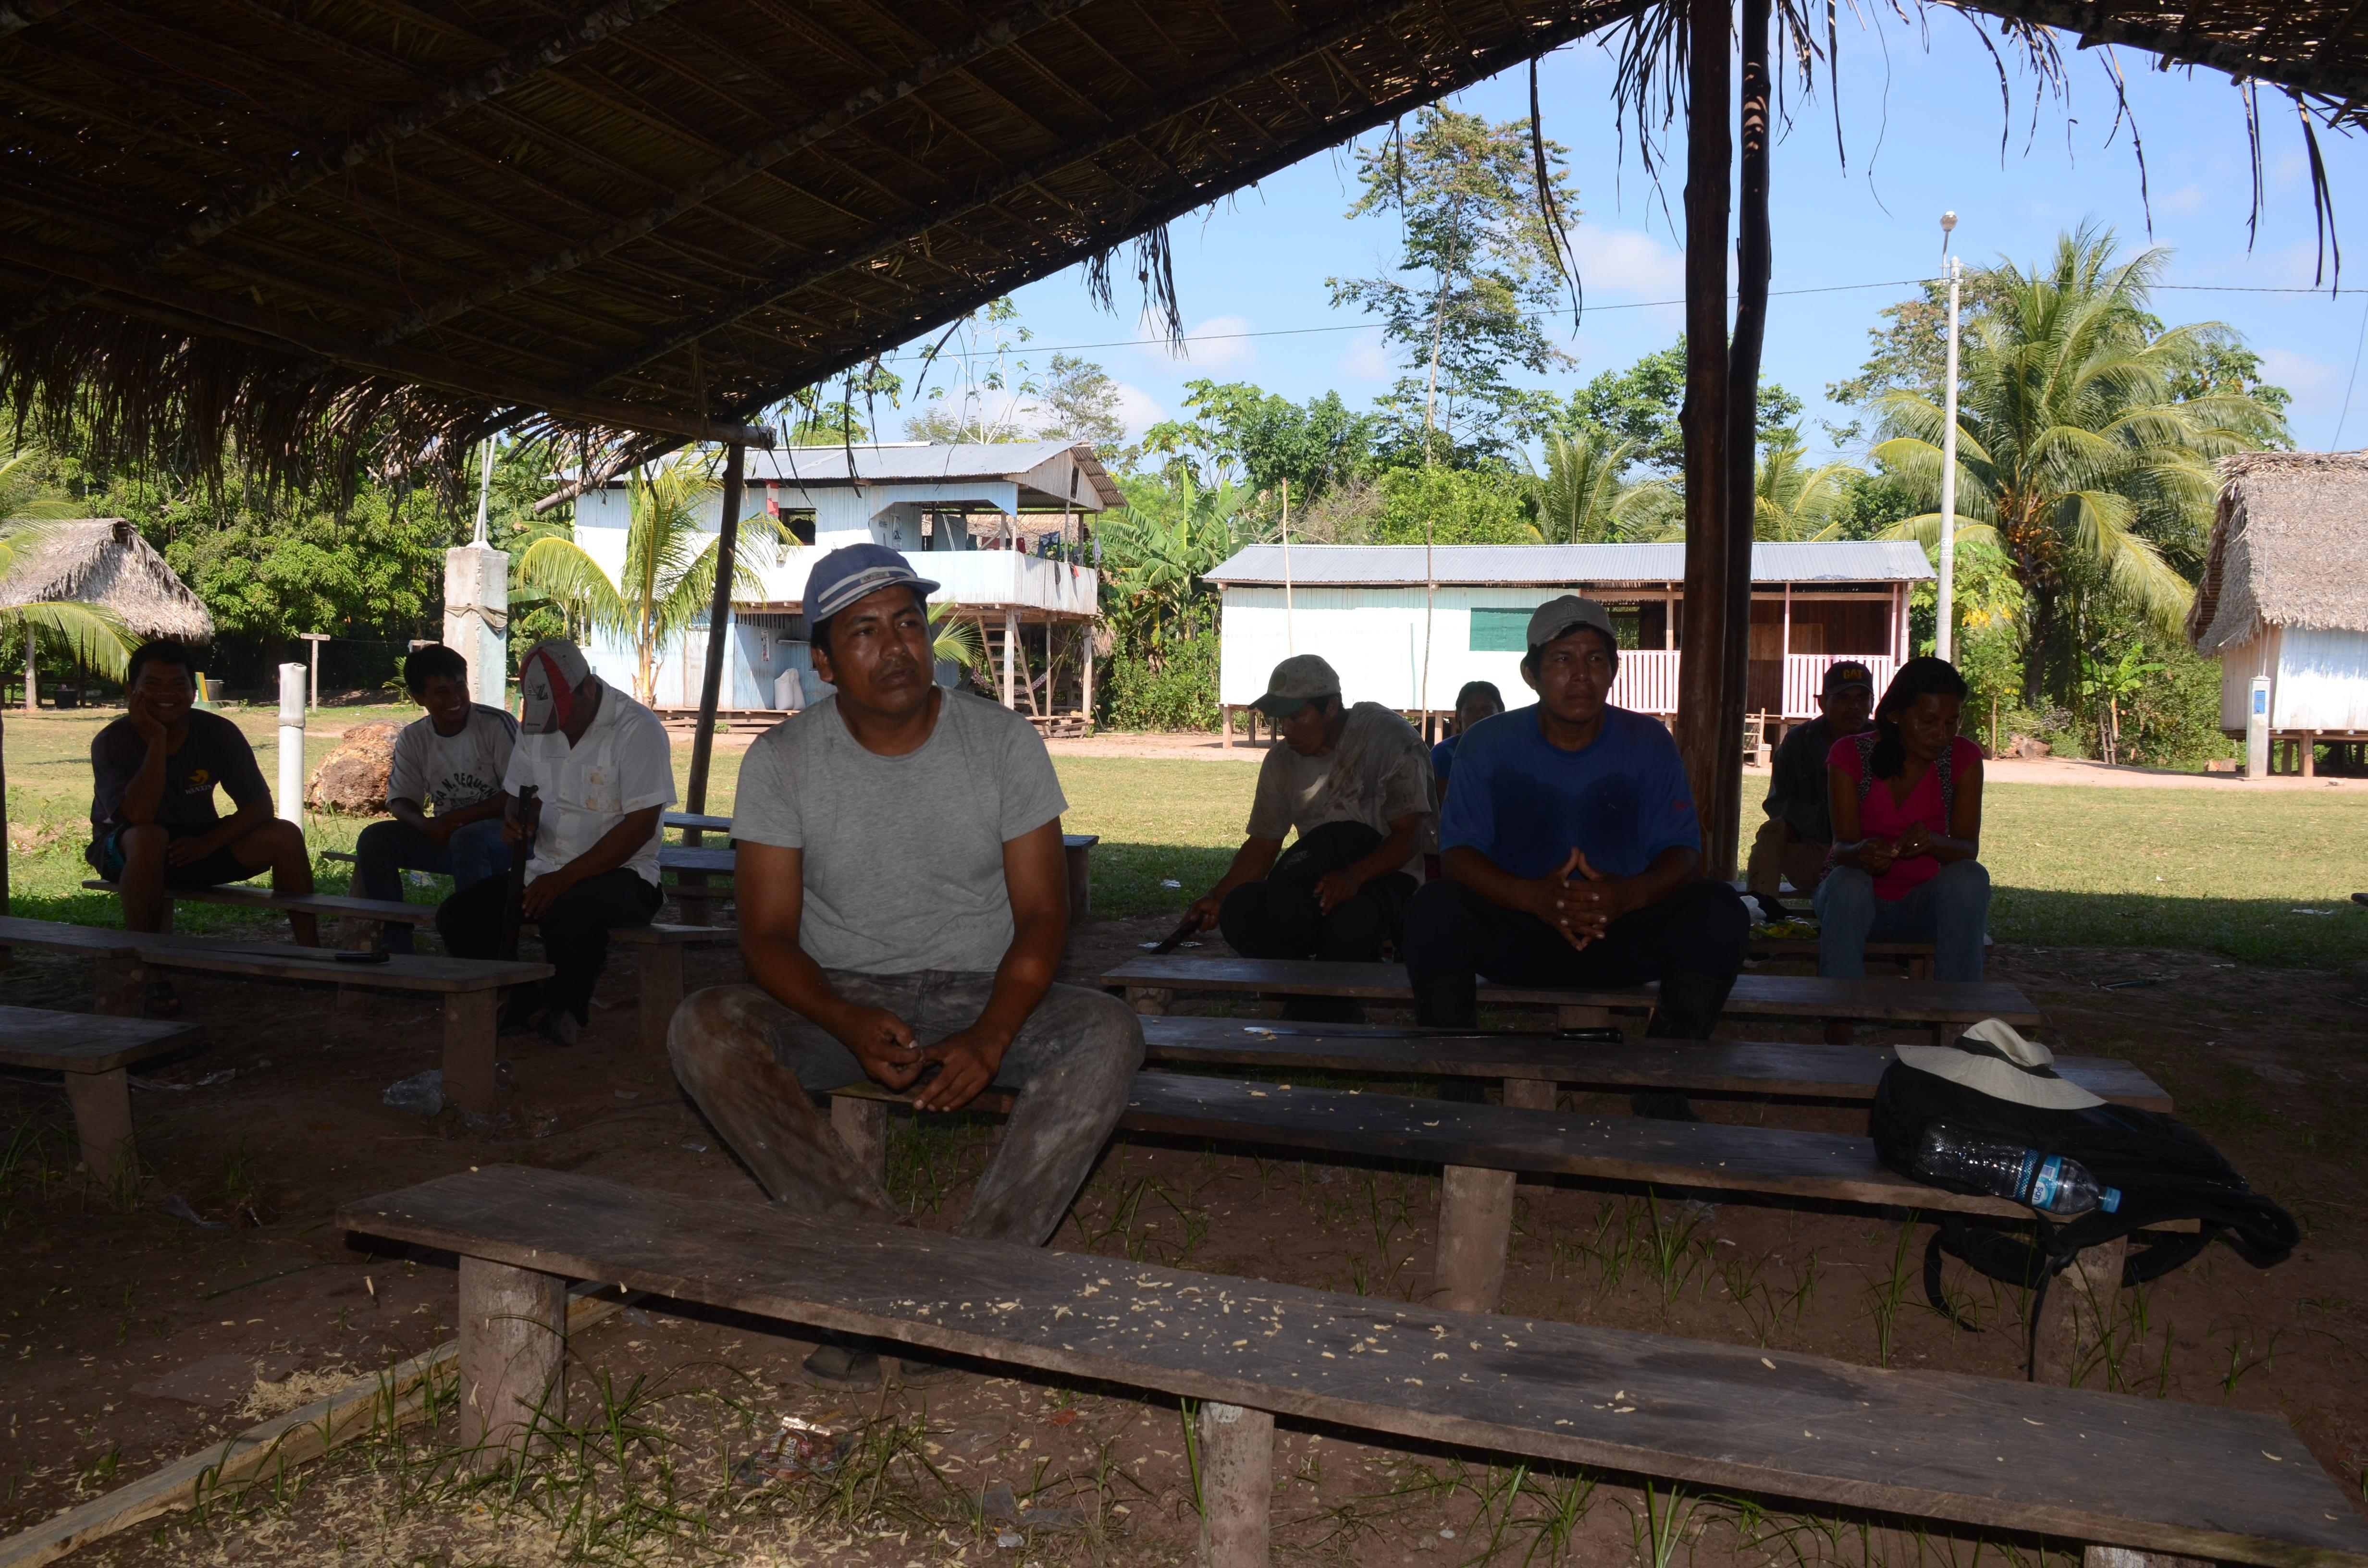 La comunidad de Santa Clara de Uchunya lleva varios años esperando la ampliación de su territorio. Foto: Yvette Sierra Praeli.